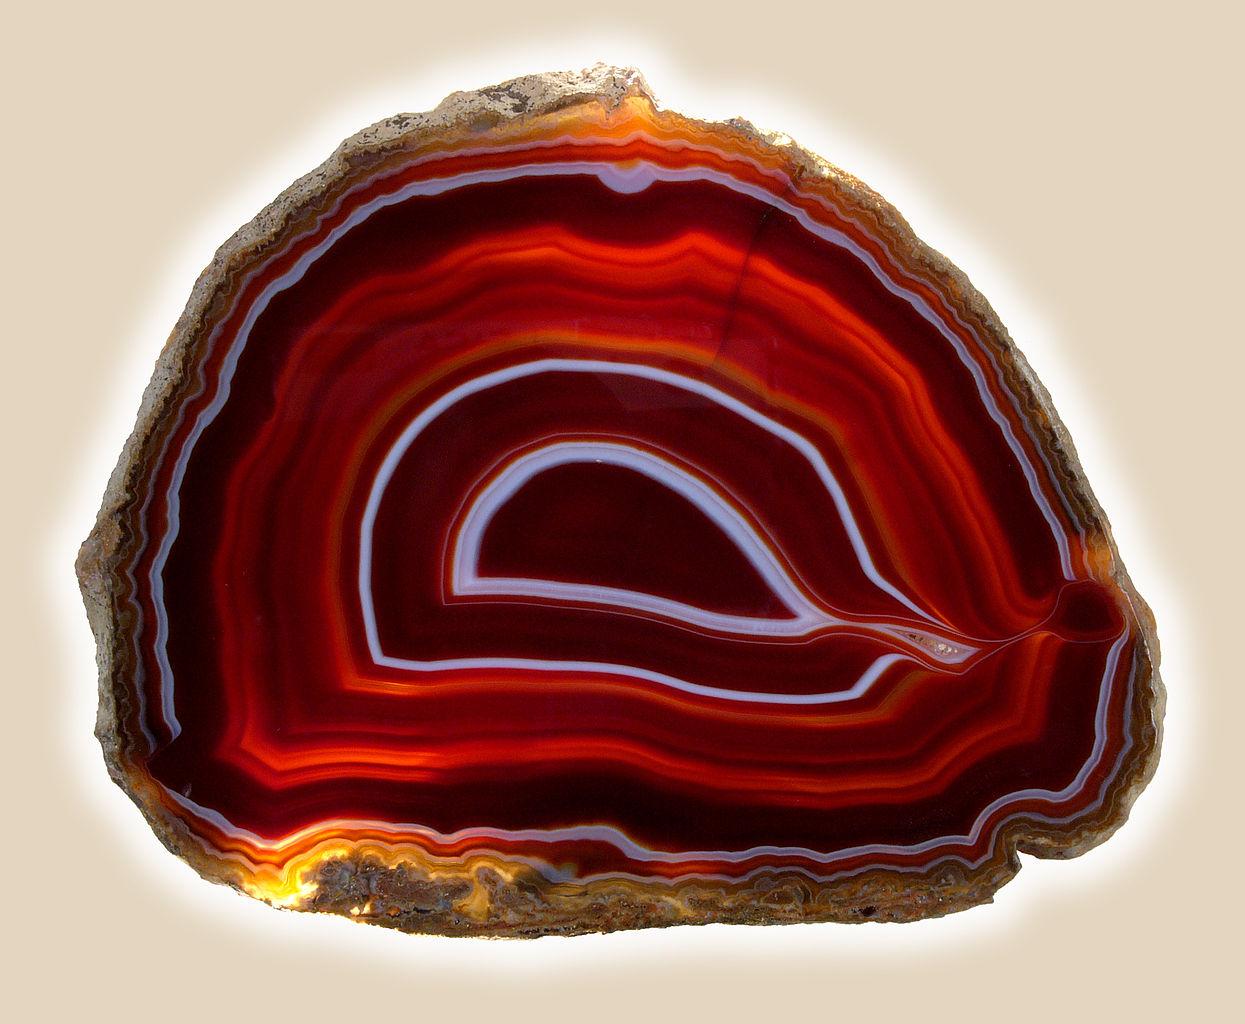 Чудодейственный камень сардоникс и его магические свойства (1 фото)